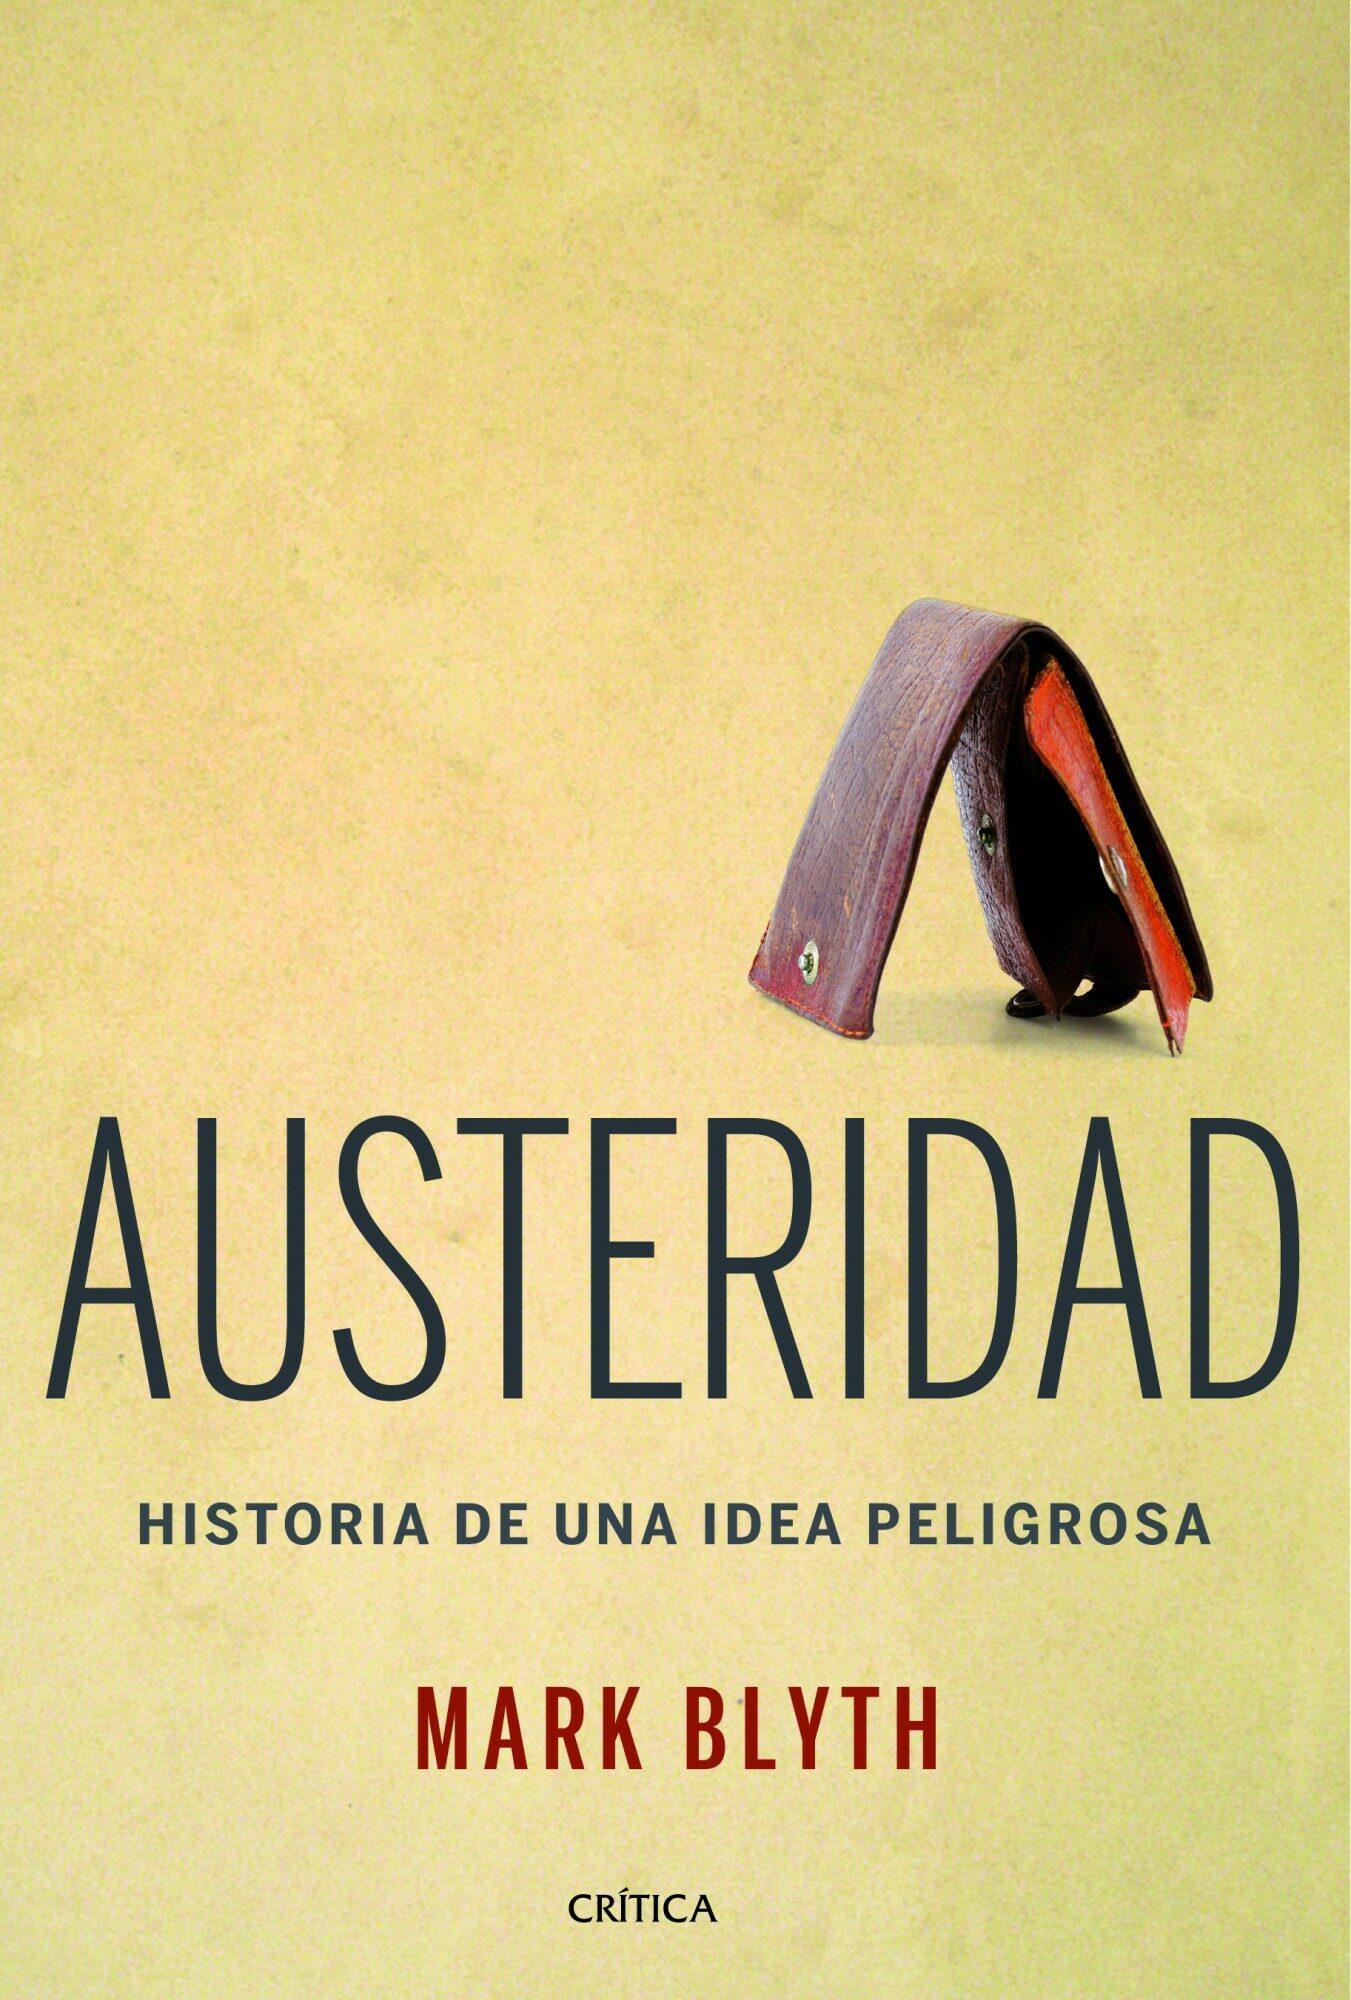 austeridad: historia de una idea peligrosa-mark blyth-9788498926682